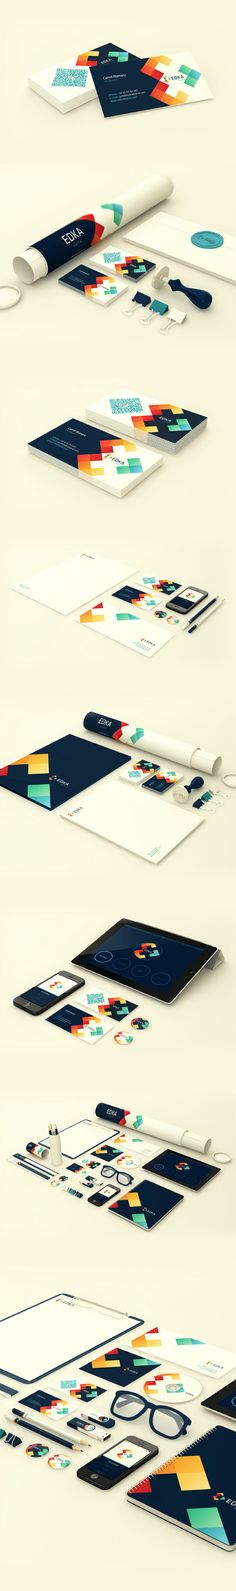 Edka Digital – Brand Identity by Vio Pintilie